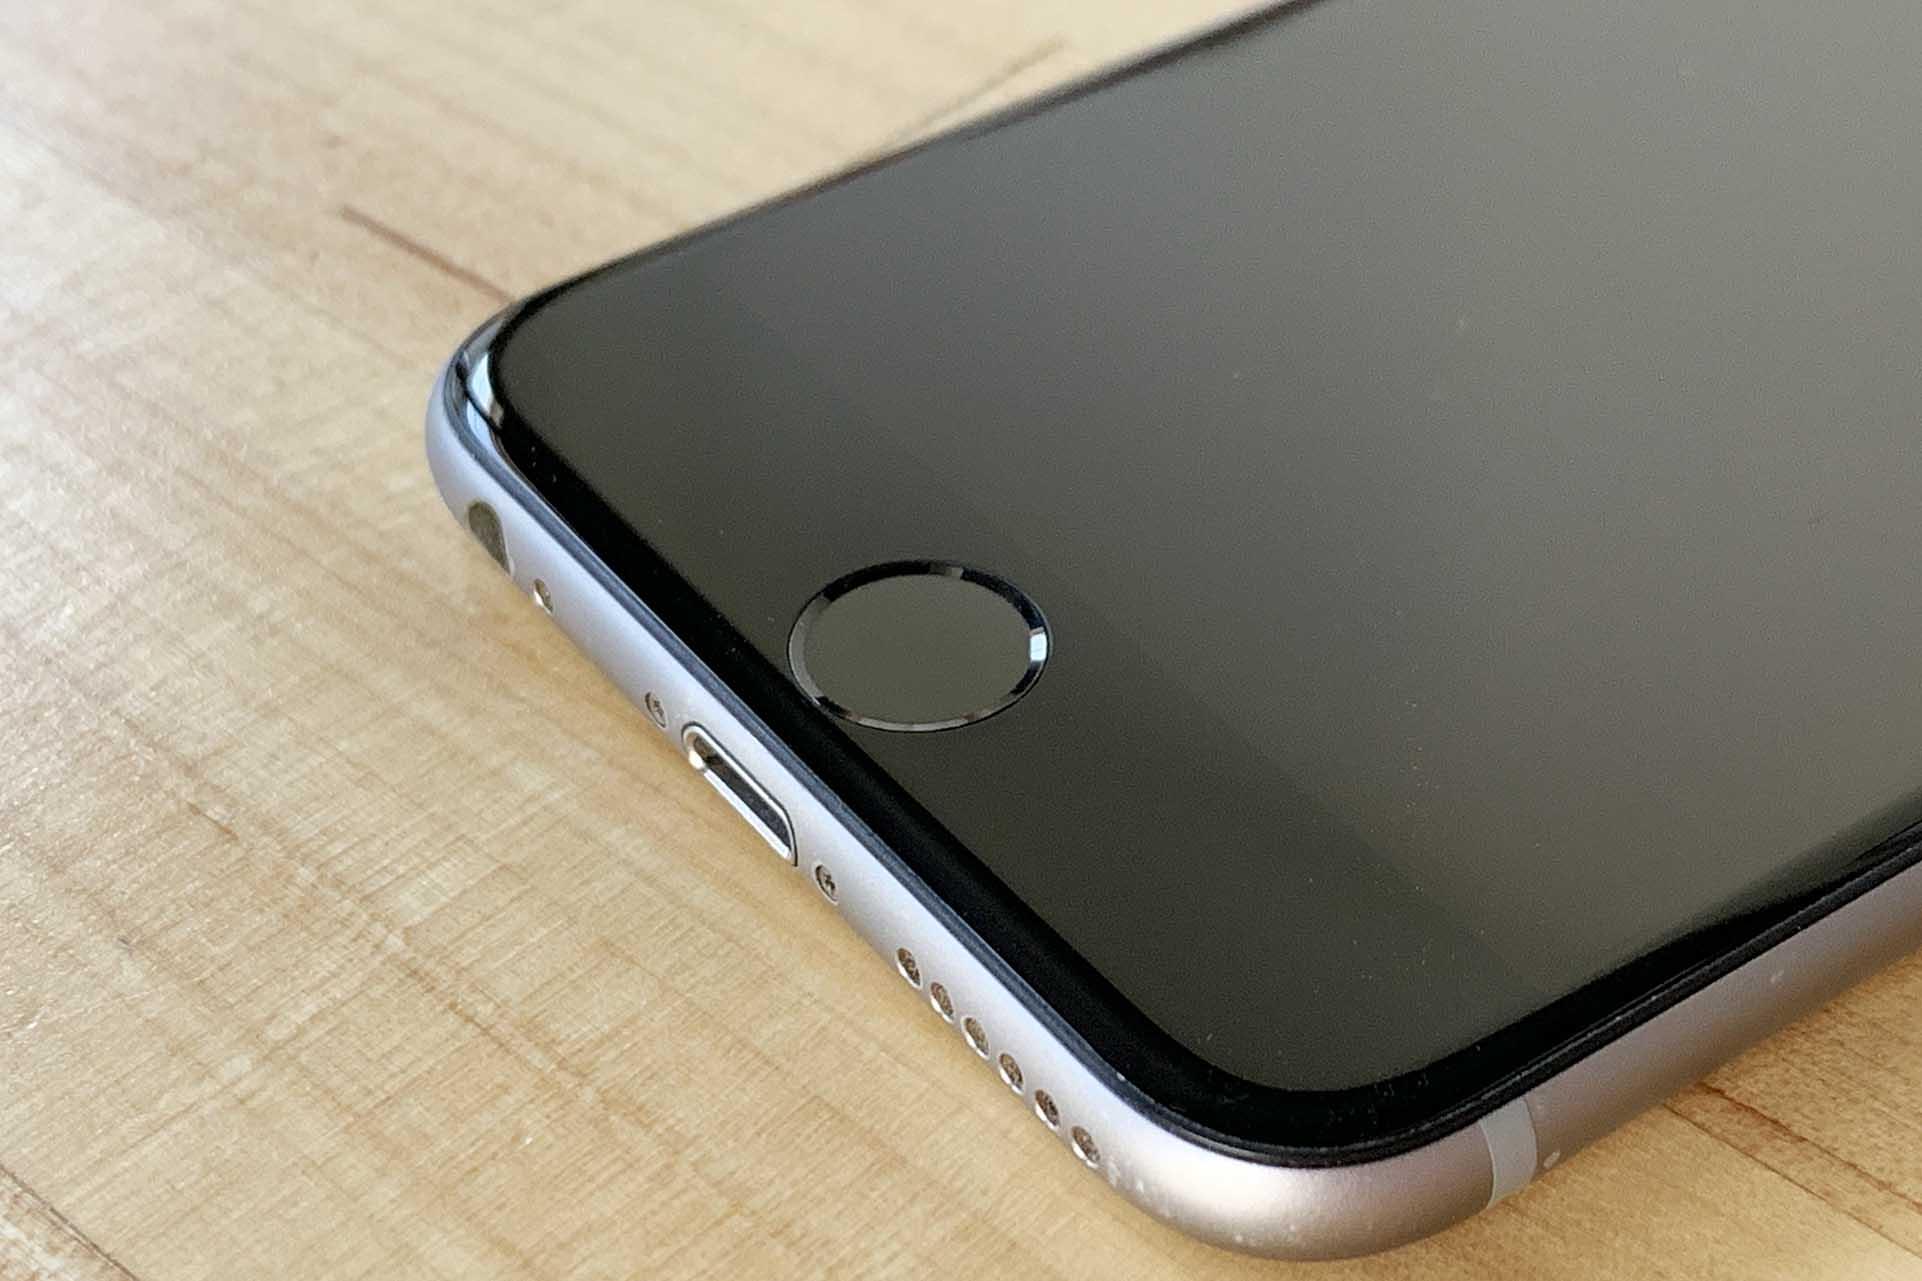 Cách kiểm tra iPhone cũ chính xác nhất để mua được máy dùng tốt, không lỗi - 4